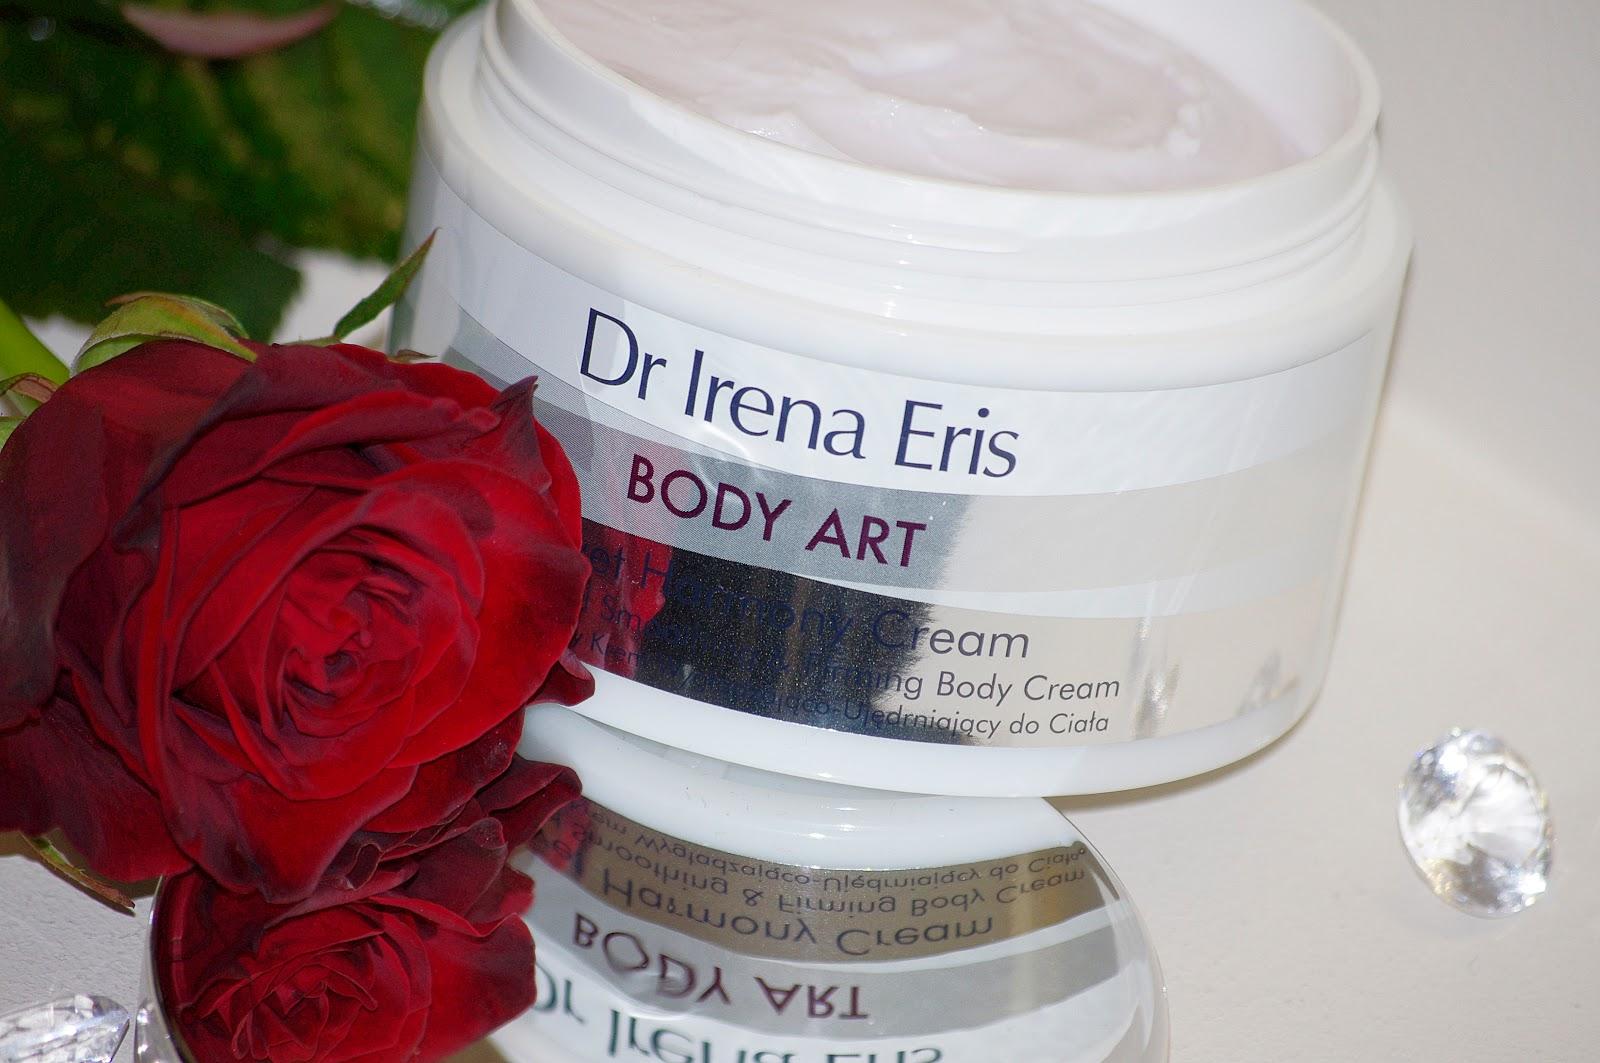 Skoncentrowanym Krem Wygładzający do Ciała Velvet Harmony Cream Body Art Dr Irena Eris